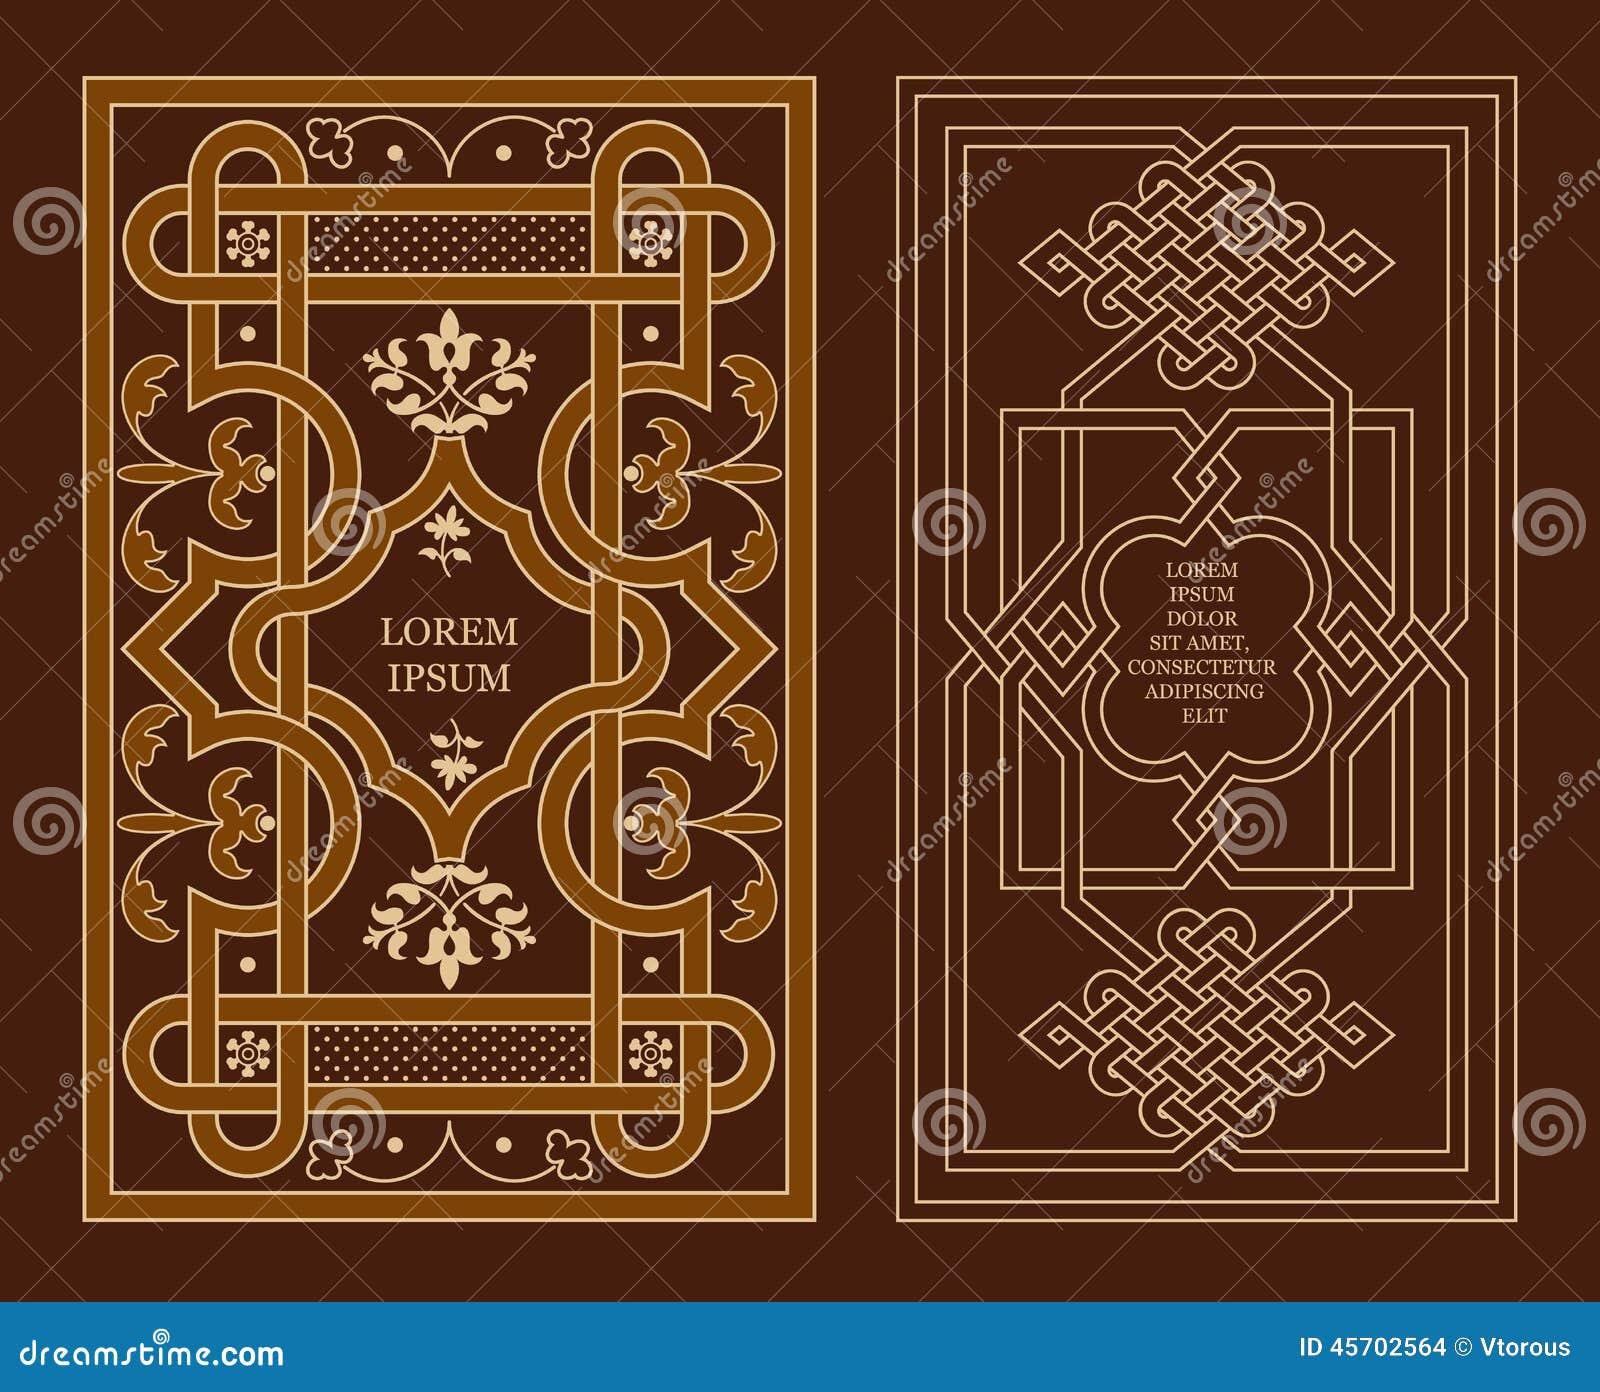 Book Cover Design Arabic ~ Decorazione araba fotografia stock immagine di elegante